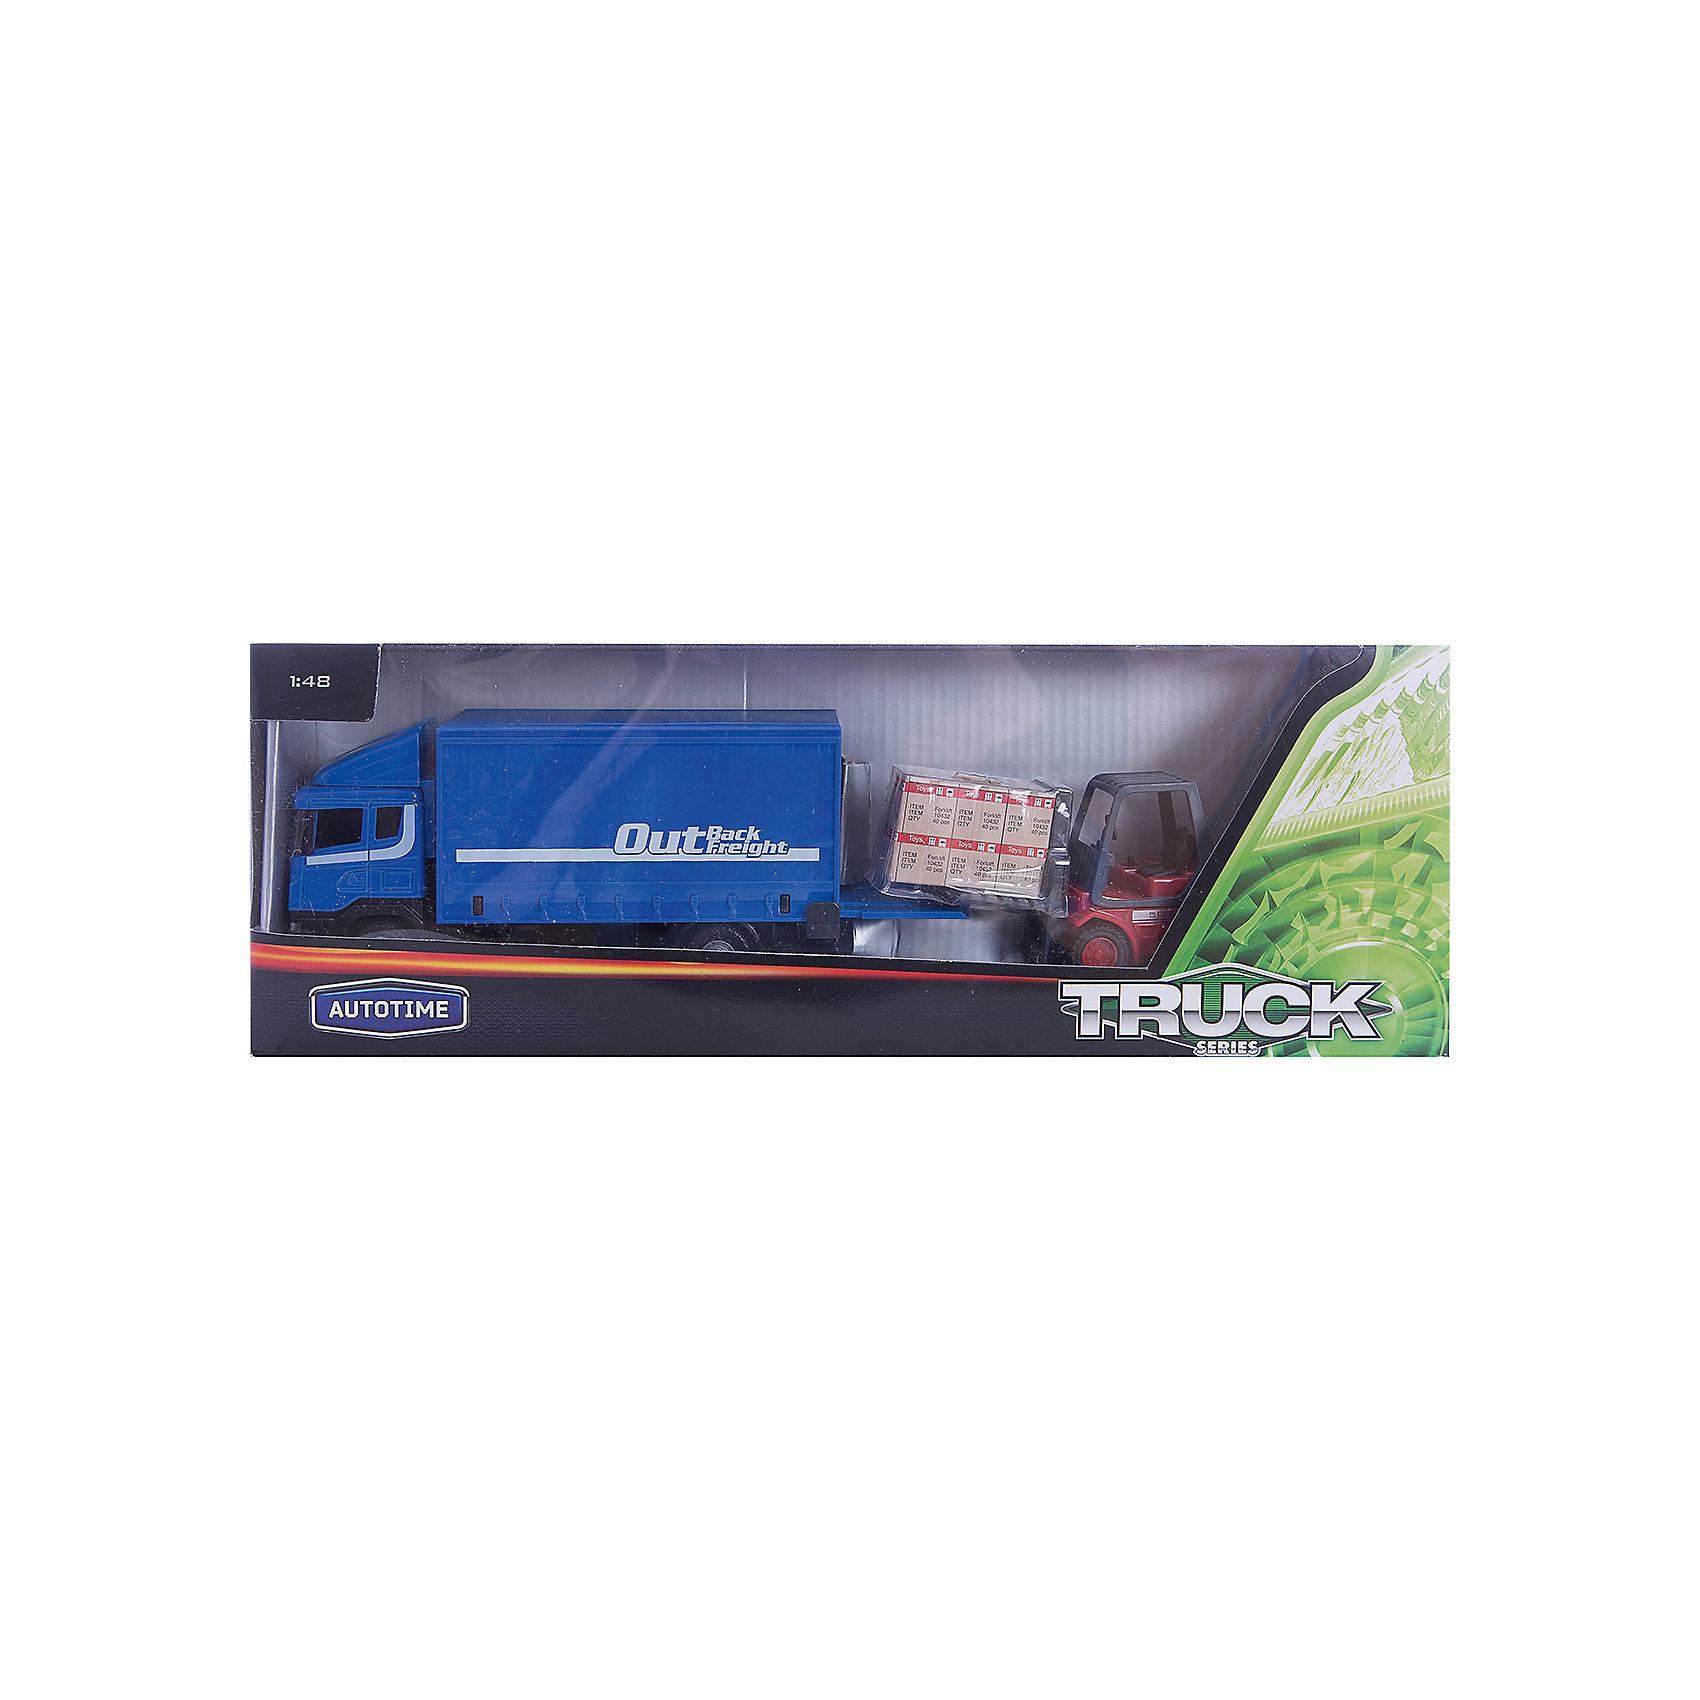 Машинка Scania с погрузчиком 1:48, AutotimeМашинки<br>Характеристики товара:<br><br>• цвет: в ассортименте<br>• возраст: от 3 лет<br>• материал: металл, пластик<br>• масштаб: 1:48<br>• погрузчик в комплекте<br>• размер упаковки: 35х6х12 см<br>• вес с упаковкой: 300 г<br>• страна бренда: Россия, Китай<br>• страна изготовитель: Китай<br><br>Эта машинка представляет собой миниатюрную копию грузовой машины с погрузчиком. Она отличается высокой детализацией, является коллекционной моделью. <br><br>Сделана машинка из прочного и безопасного материала. Корпус - из металла и пластика. <br><br>Машинку «Scania с погрузчиком 1:48», Autotime (Автотайм) можно купить в нашем интернет-магазине.<br><br>Ширина мм: 362<br>Глубина мм: 114<br>Высота мм: 146<br>Вес г: 15<br>Возраст от месяцев: 36<br>Возраст до месяцев: 2147483647<br>Пол: Мужской<br>Возраст: Детский<br>SKU: 5584131